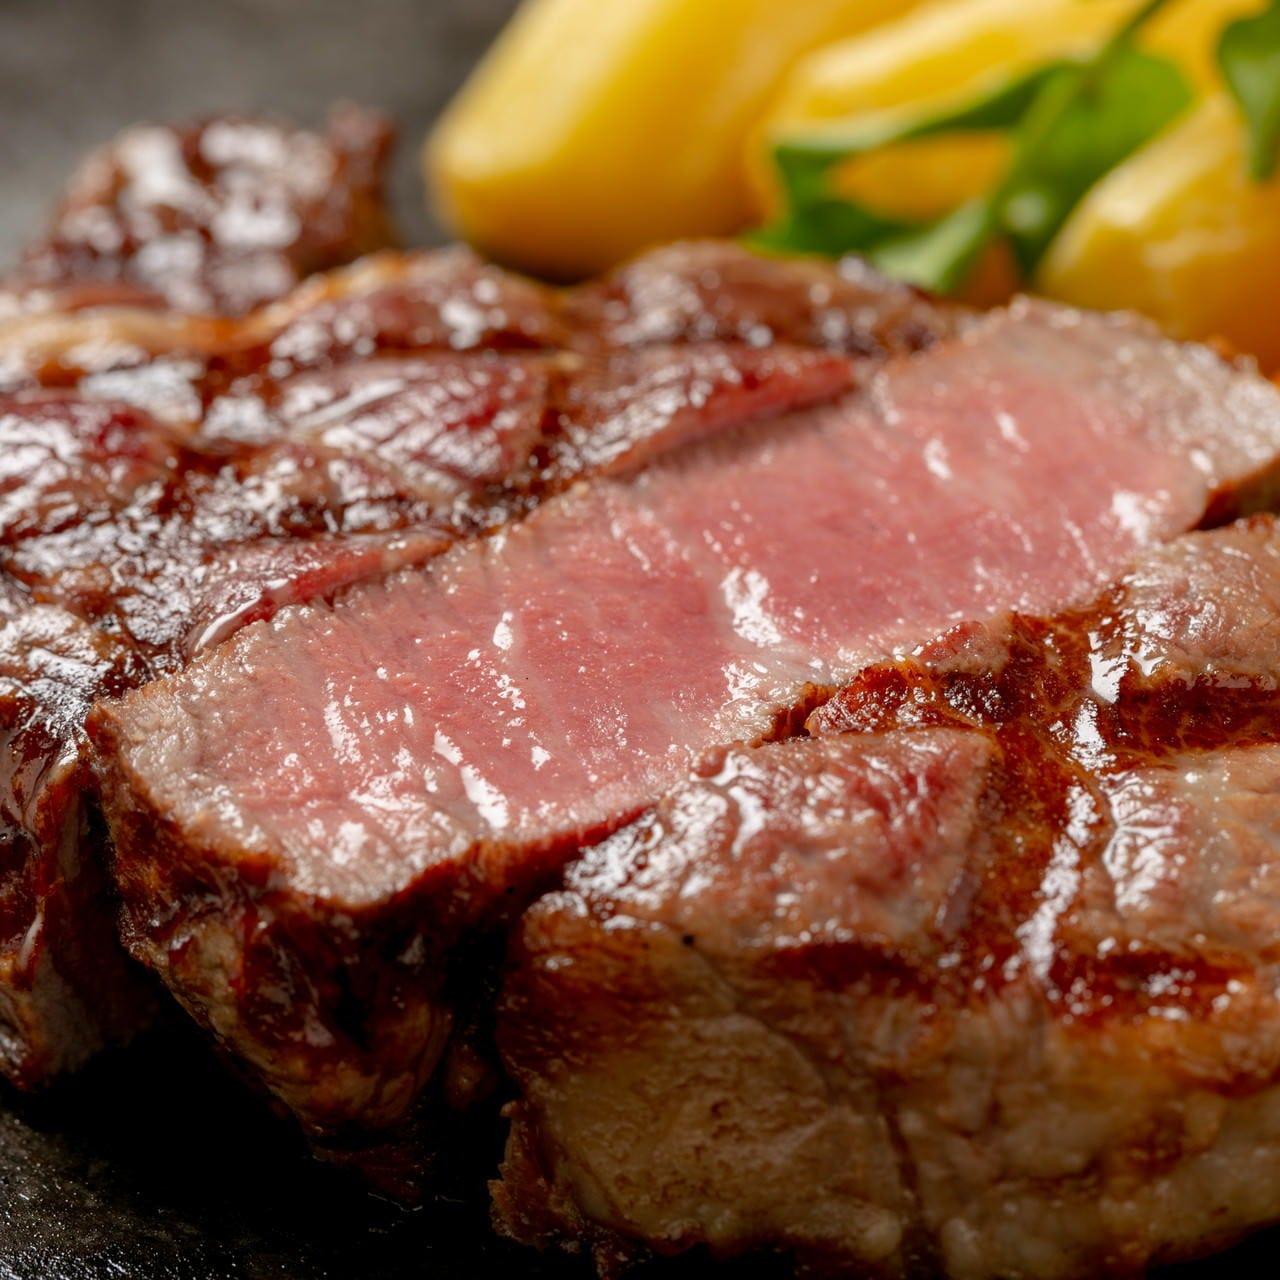 ジューシーに焼き上げるステーキは肉本来の旨味を味わえます